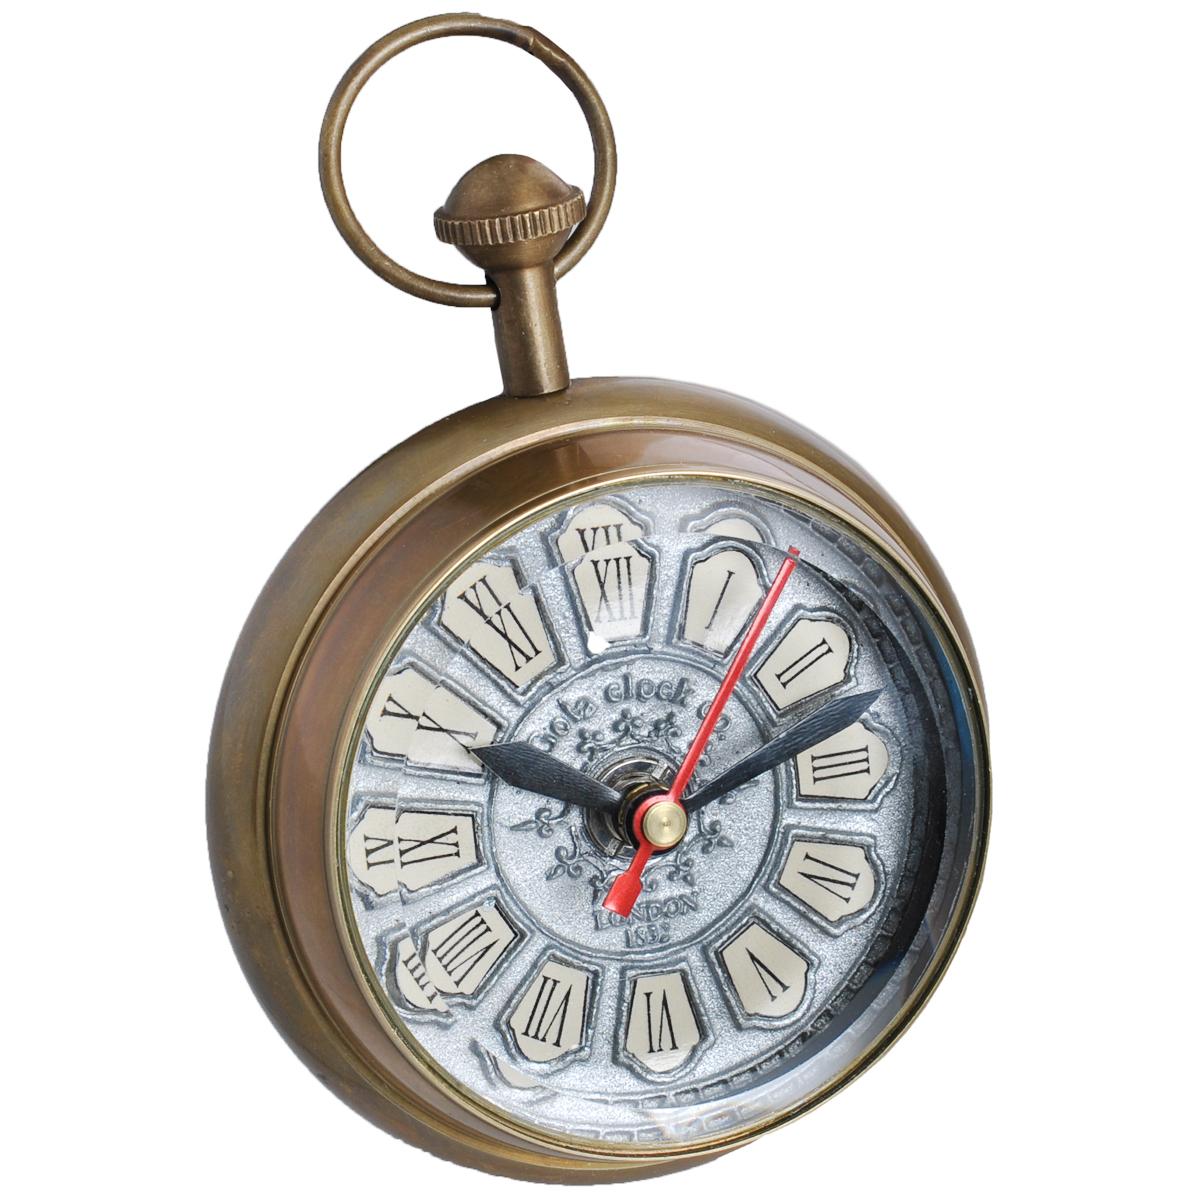 Часы сувенирные Win Max, цвет: бронзовый. 35820300074_ежевикаЧасы Win Max с кварцевым механизмом работают бесшумно и требуют лишь примерно раз в год замены батарейки. Часы оснащены часовой, минутной и секундной стрелками. Алюминиевый рельефный циферблат выполнен в старинном стиле и оформлен римскими цифрами. Изготовленные из латуни и стекла, они, несомненно, будут привлекать к себе внимание. Такие часы легко впишутся в любой интерьер и станут великолепным подарком! Характеристики: Материал: металл (латунь), стекло.Общий размер часов (ДхШхВ): 9 см х 6,5 см х 12 см.Диаметр циферблата: 7 см.